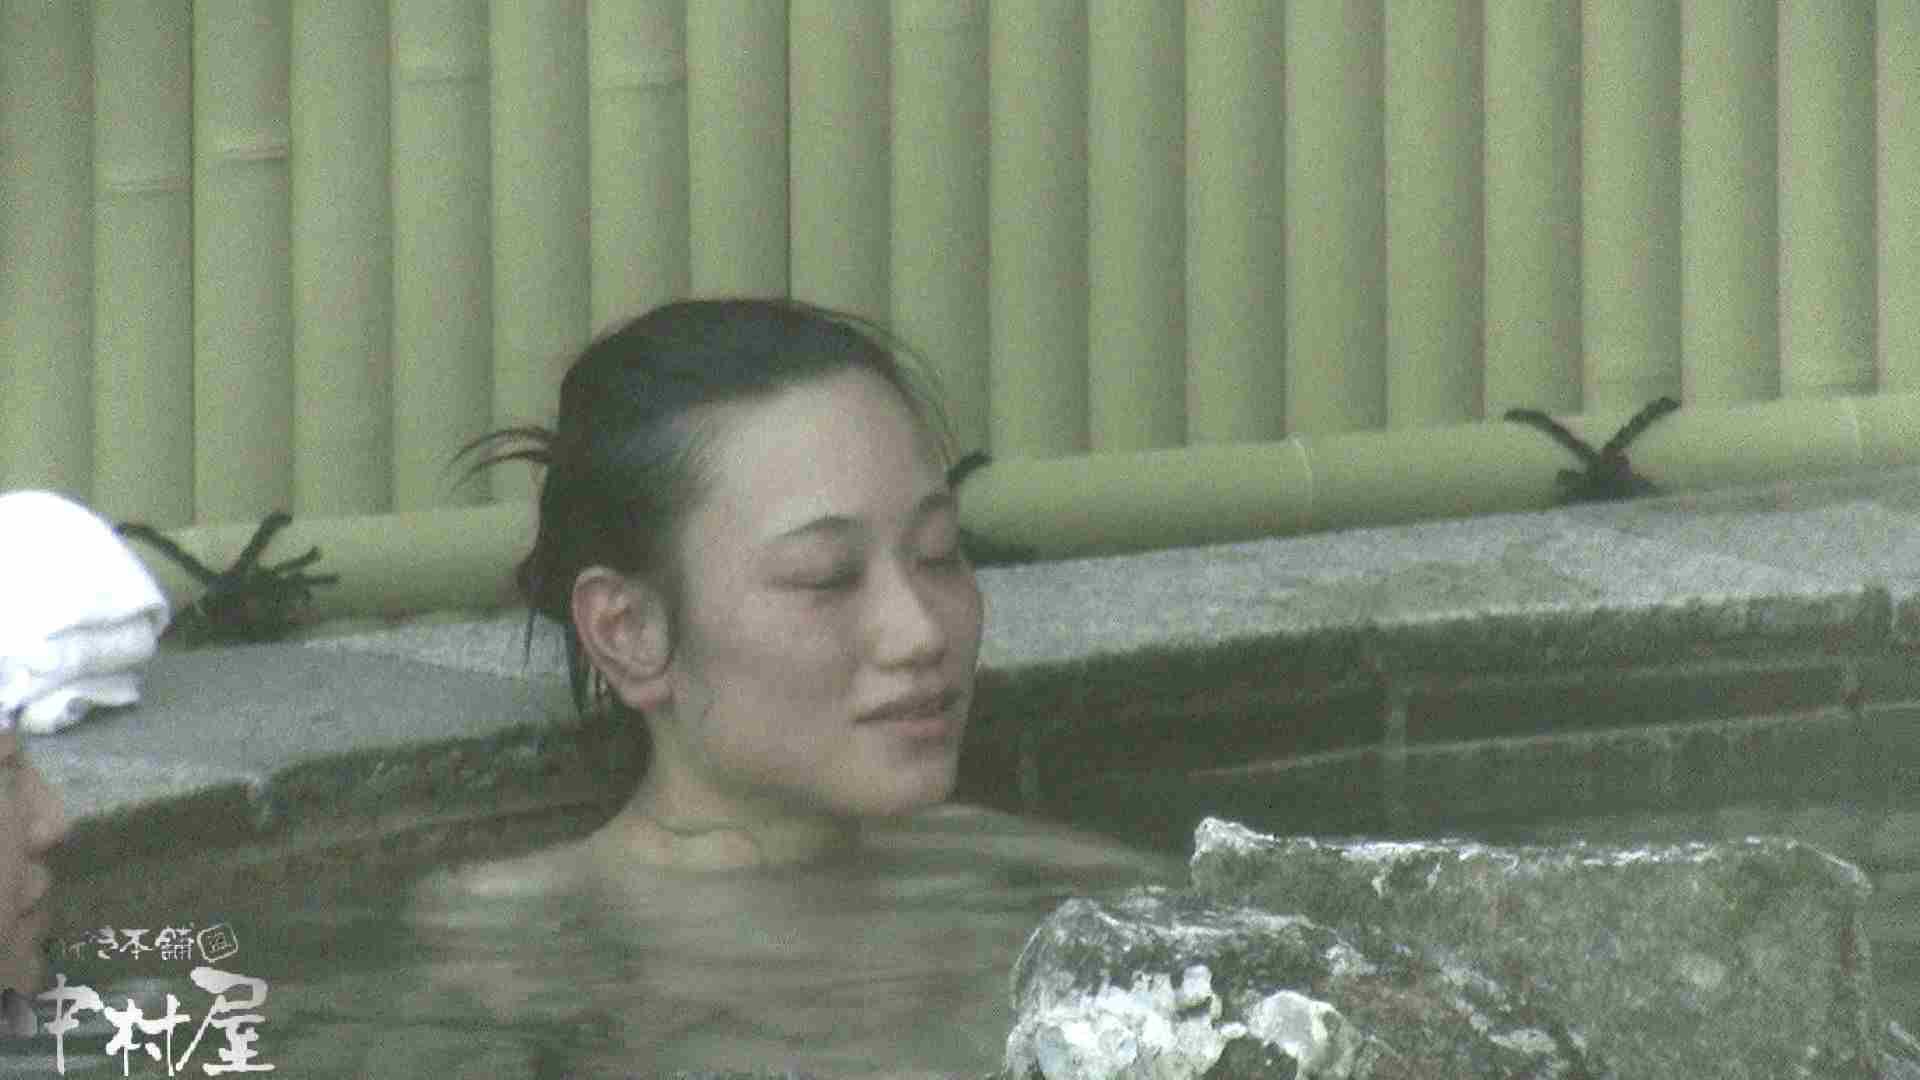 Aquaな露天風呂Vol.914 露天 | 盗撮  98pic 83